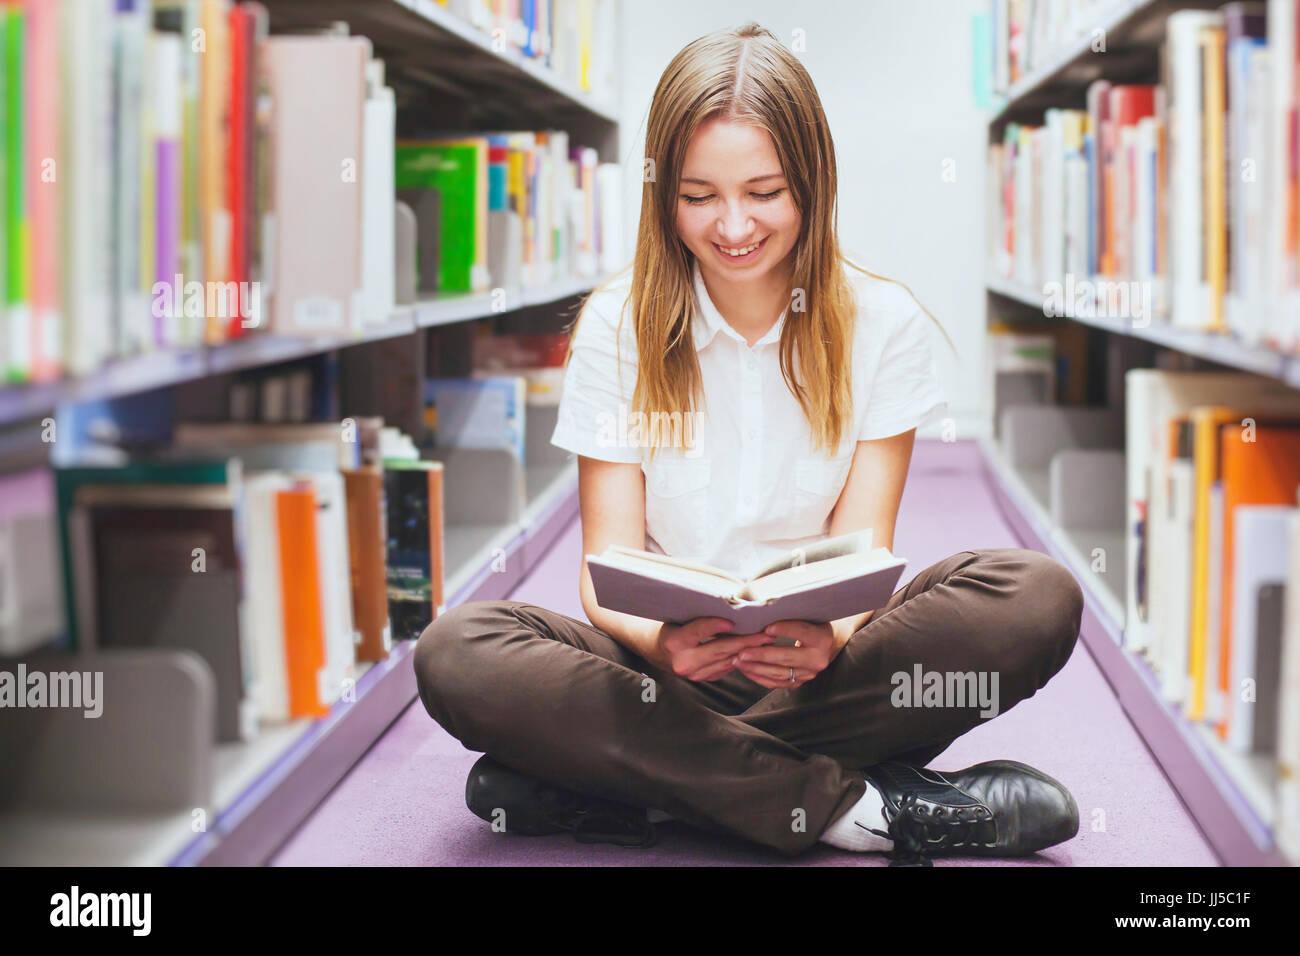 Estudiante libro de lectura en la biblioteca, sonriendo feliz mujer, educación antecedentes Imagen De Stock